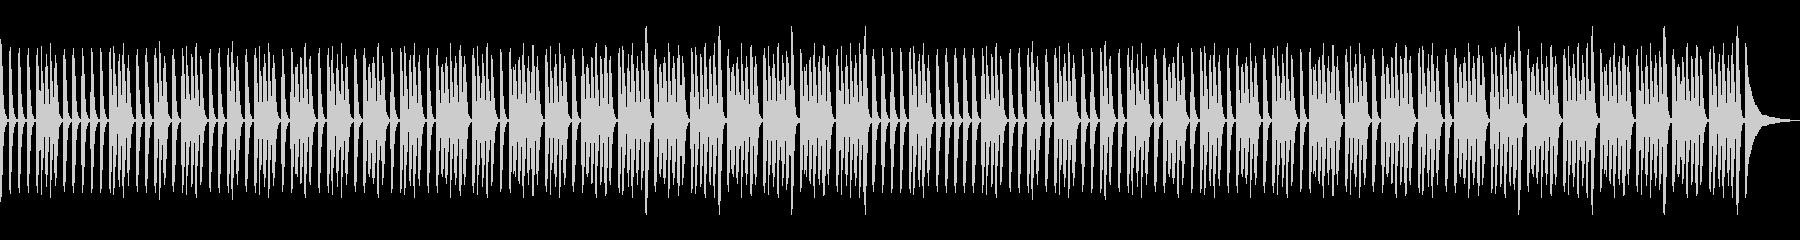 ミニマル・ピアノソロ・シンプル・日常の未再生の波形